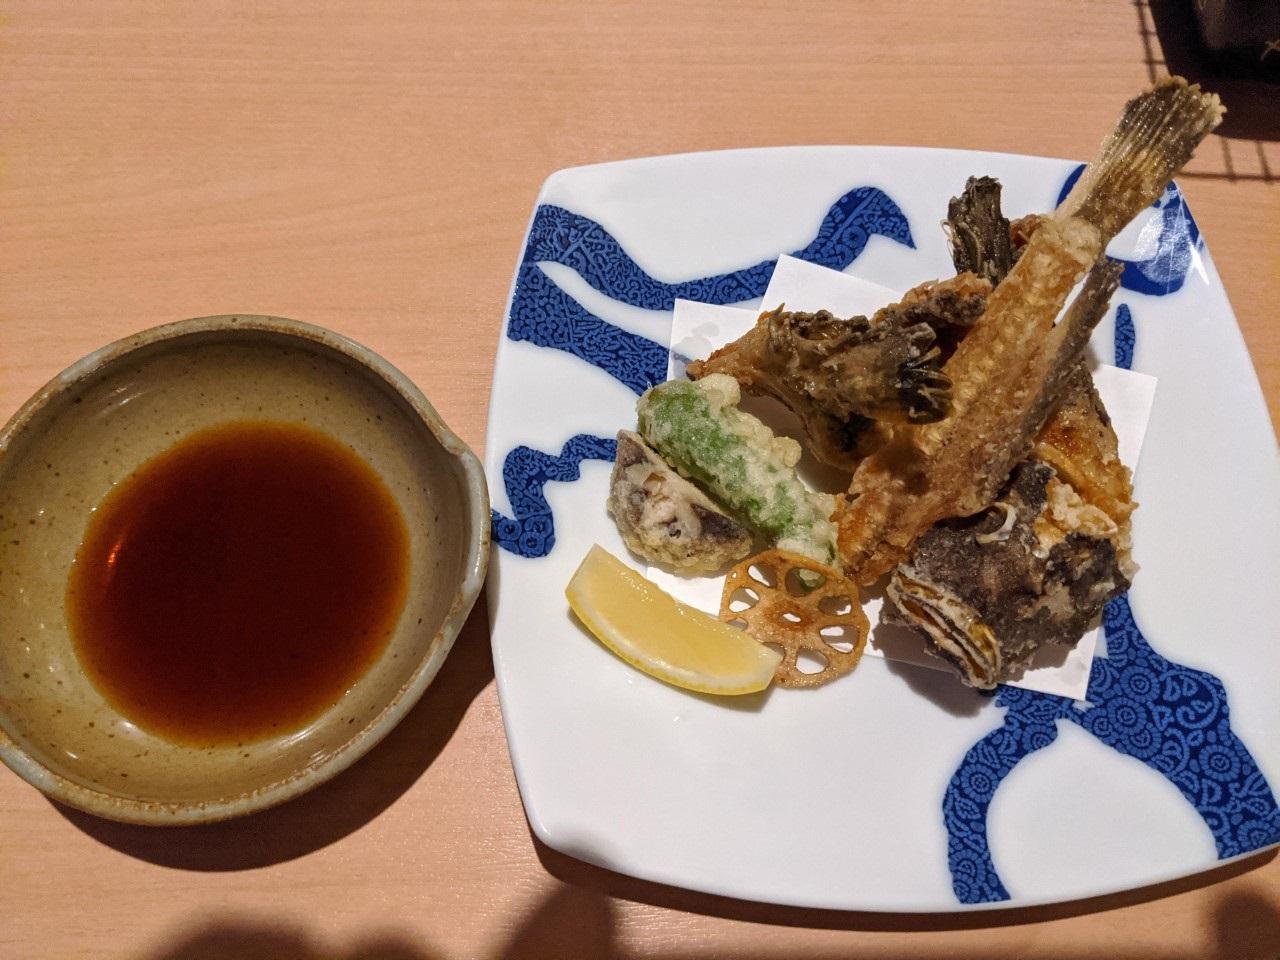 とれとれの魚介類に溢れ、食事のペースに合わせてお品出し!